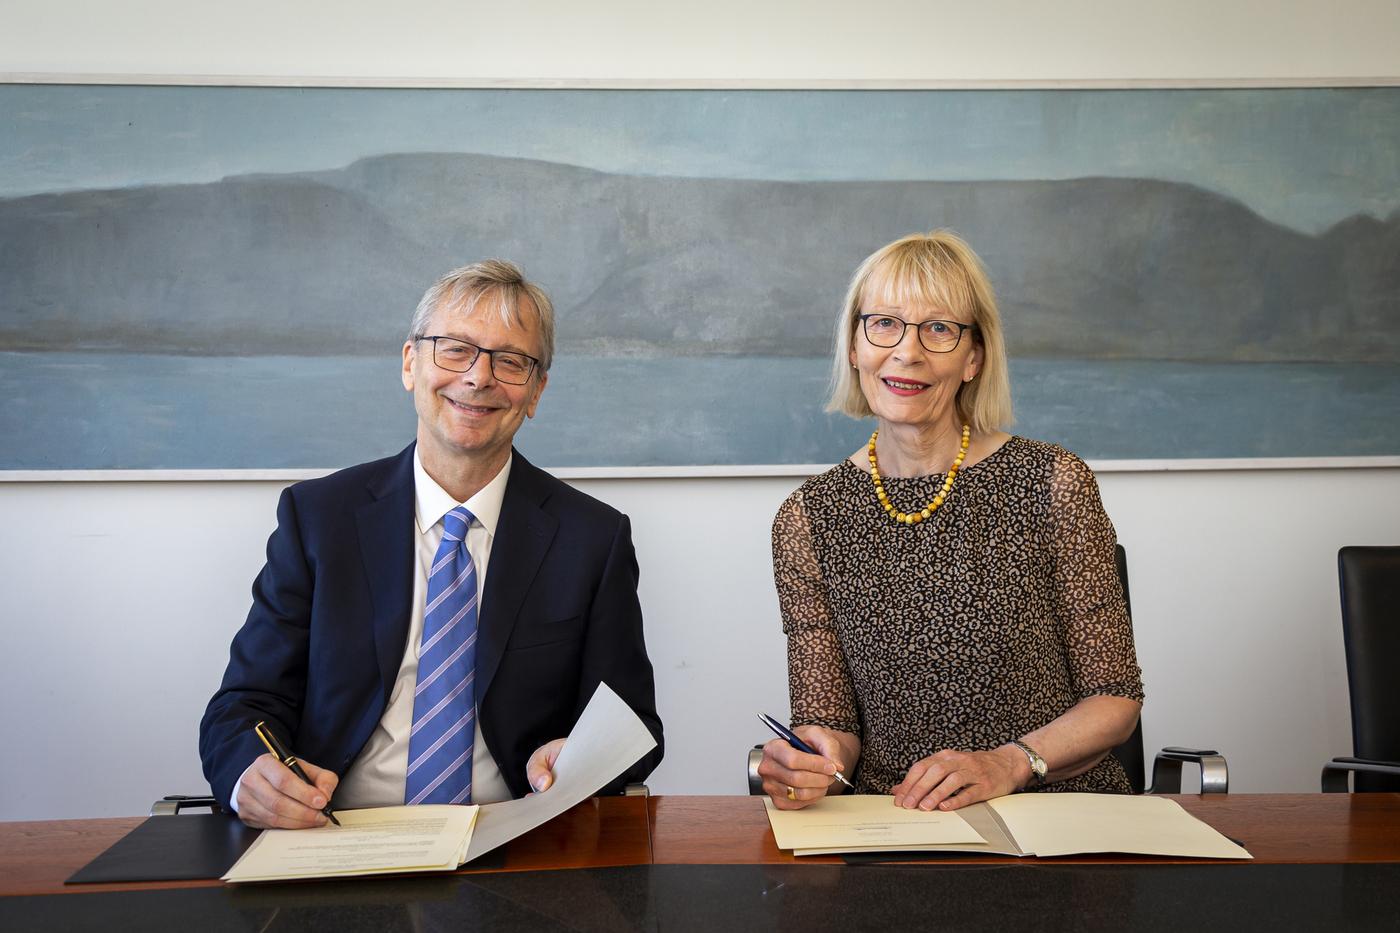 Jón Atli Benediktsson og Bergþóra Karen Ketilsdóttir undirrita skipulagsskrána.